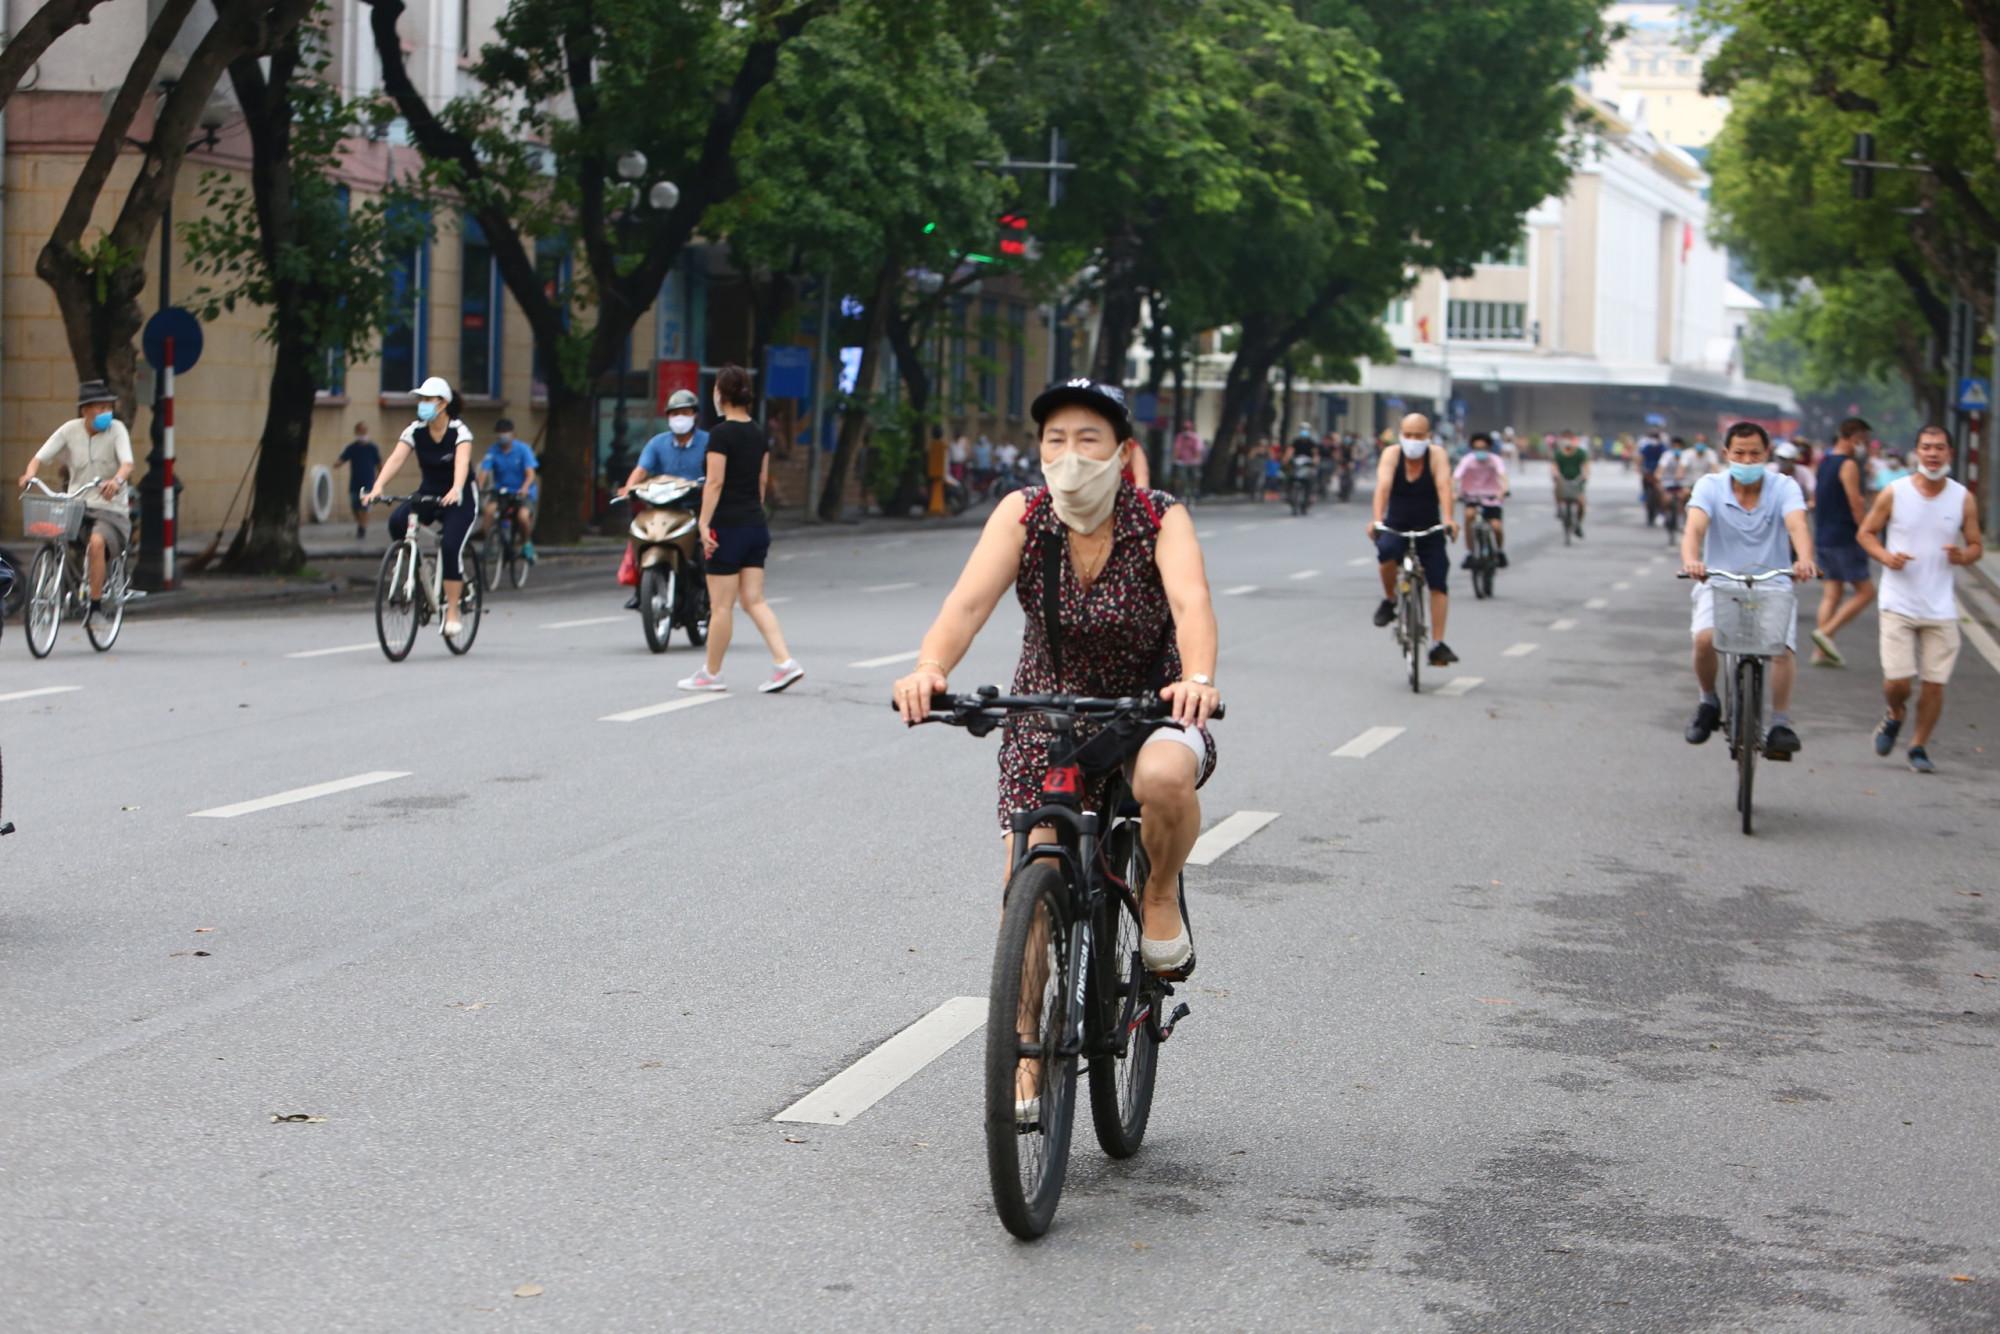 Đường phố Hà Nội bắt đầu xuất hiện trở lại các đoàn xe đạp thể thao. Đây là một trong những phong trào đang phát triển trong thời gian qua của người dân Thủ đô.